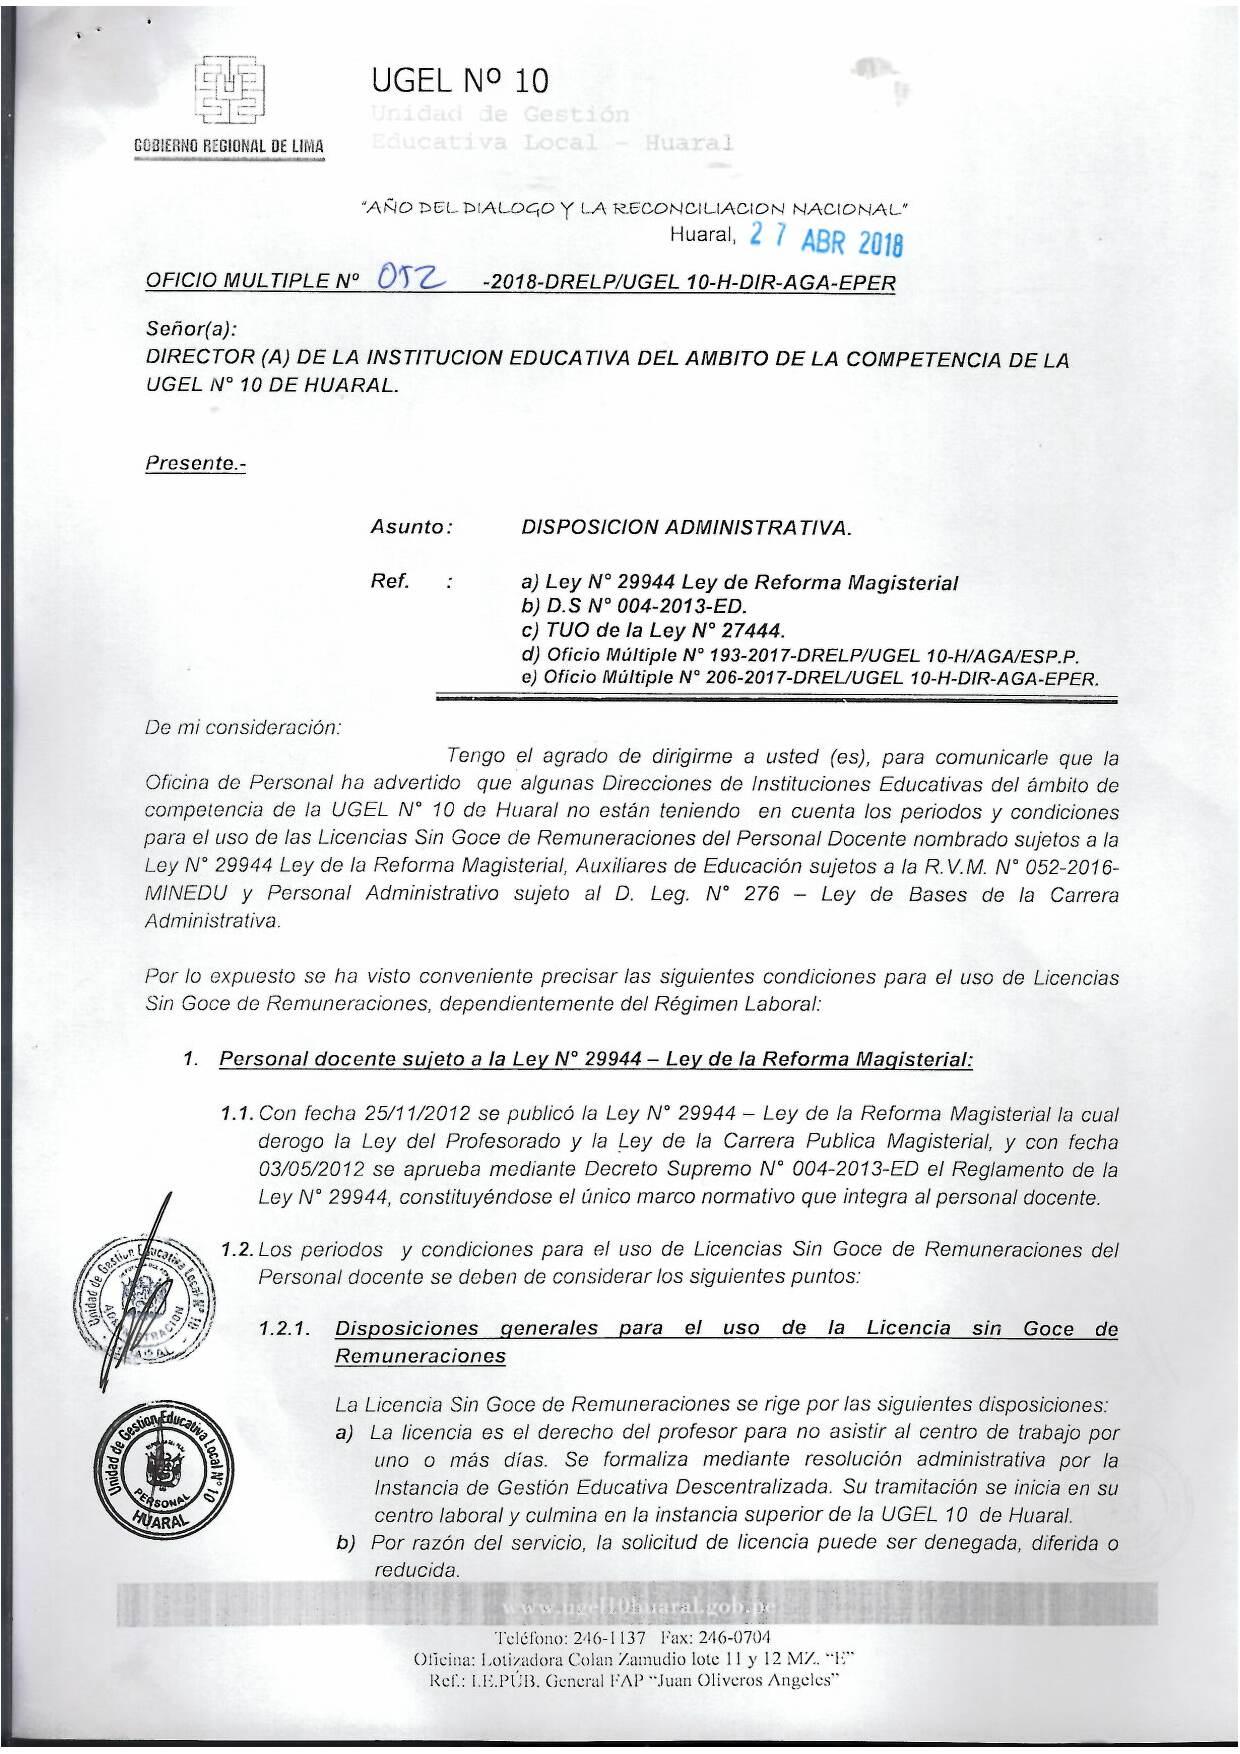 Condiciones para el uso de Licencias Sin Goce de Remuneraciones